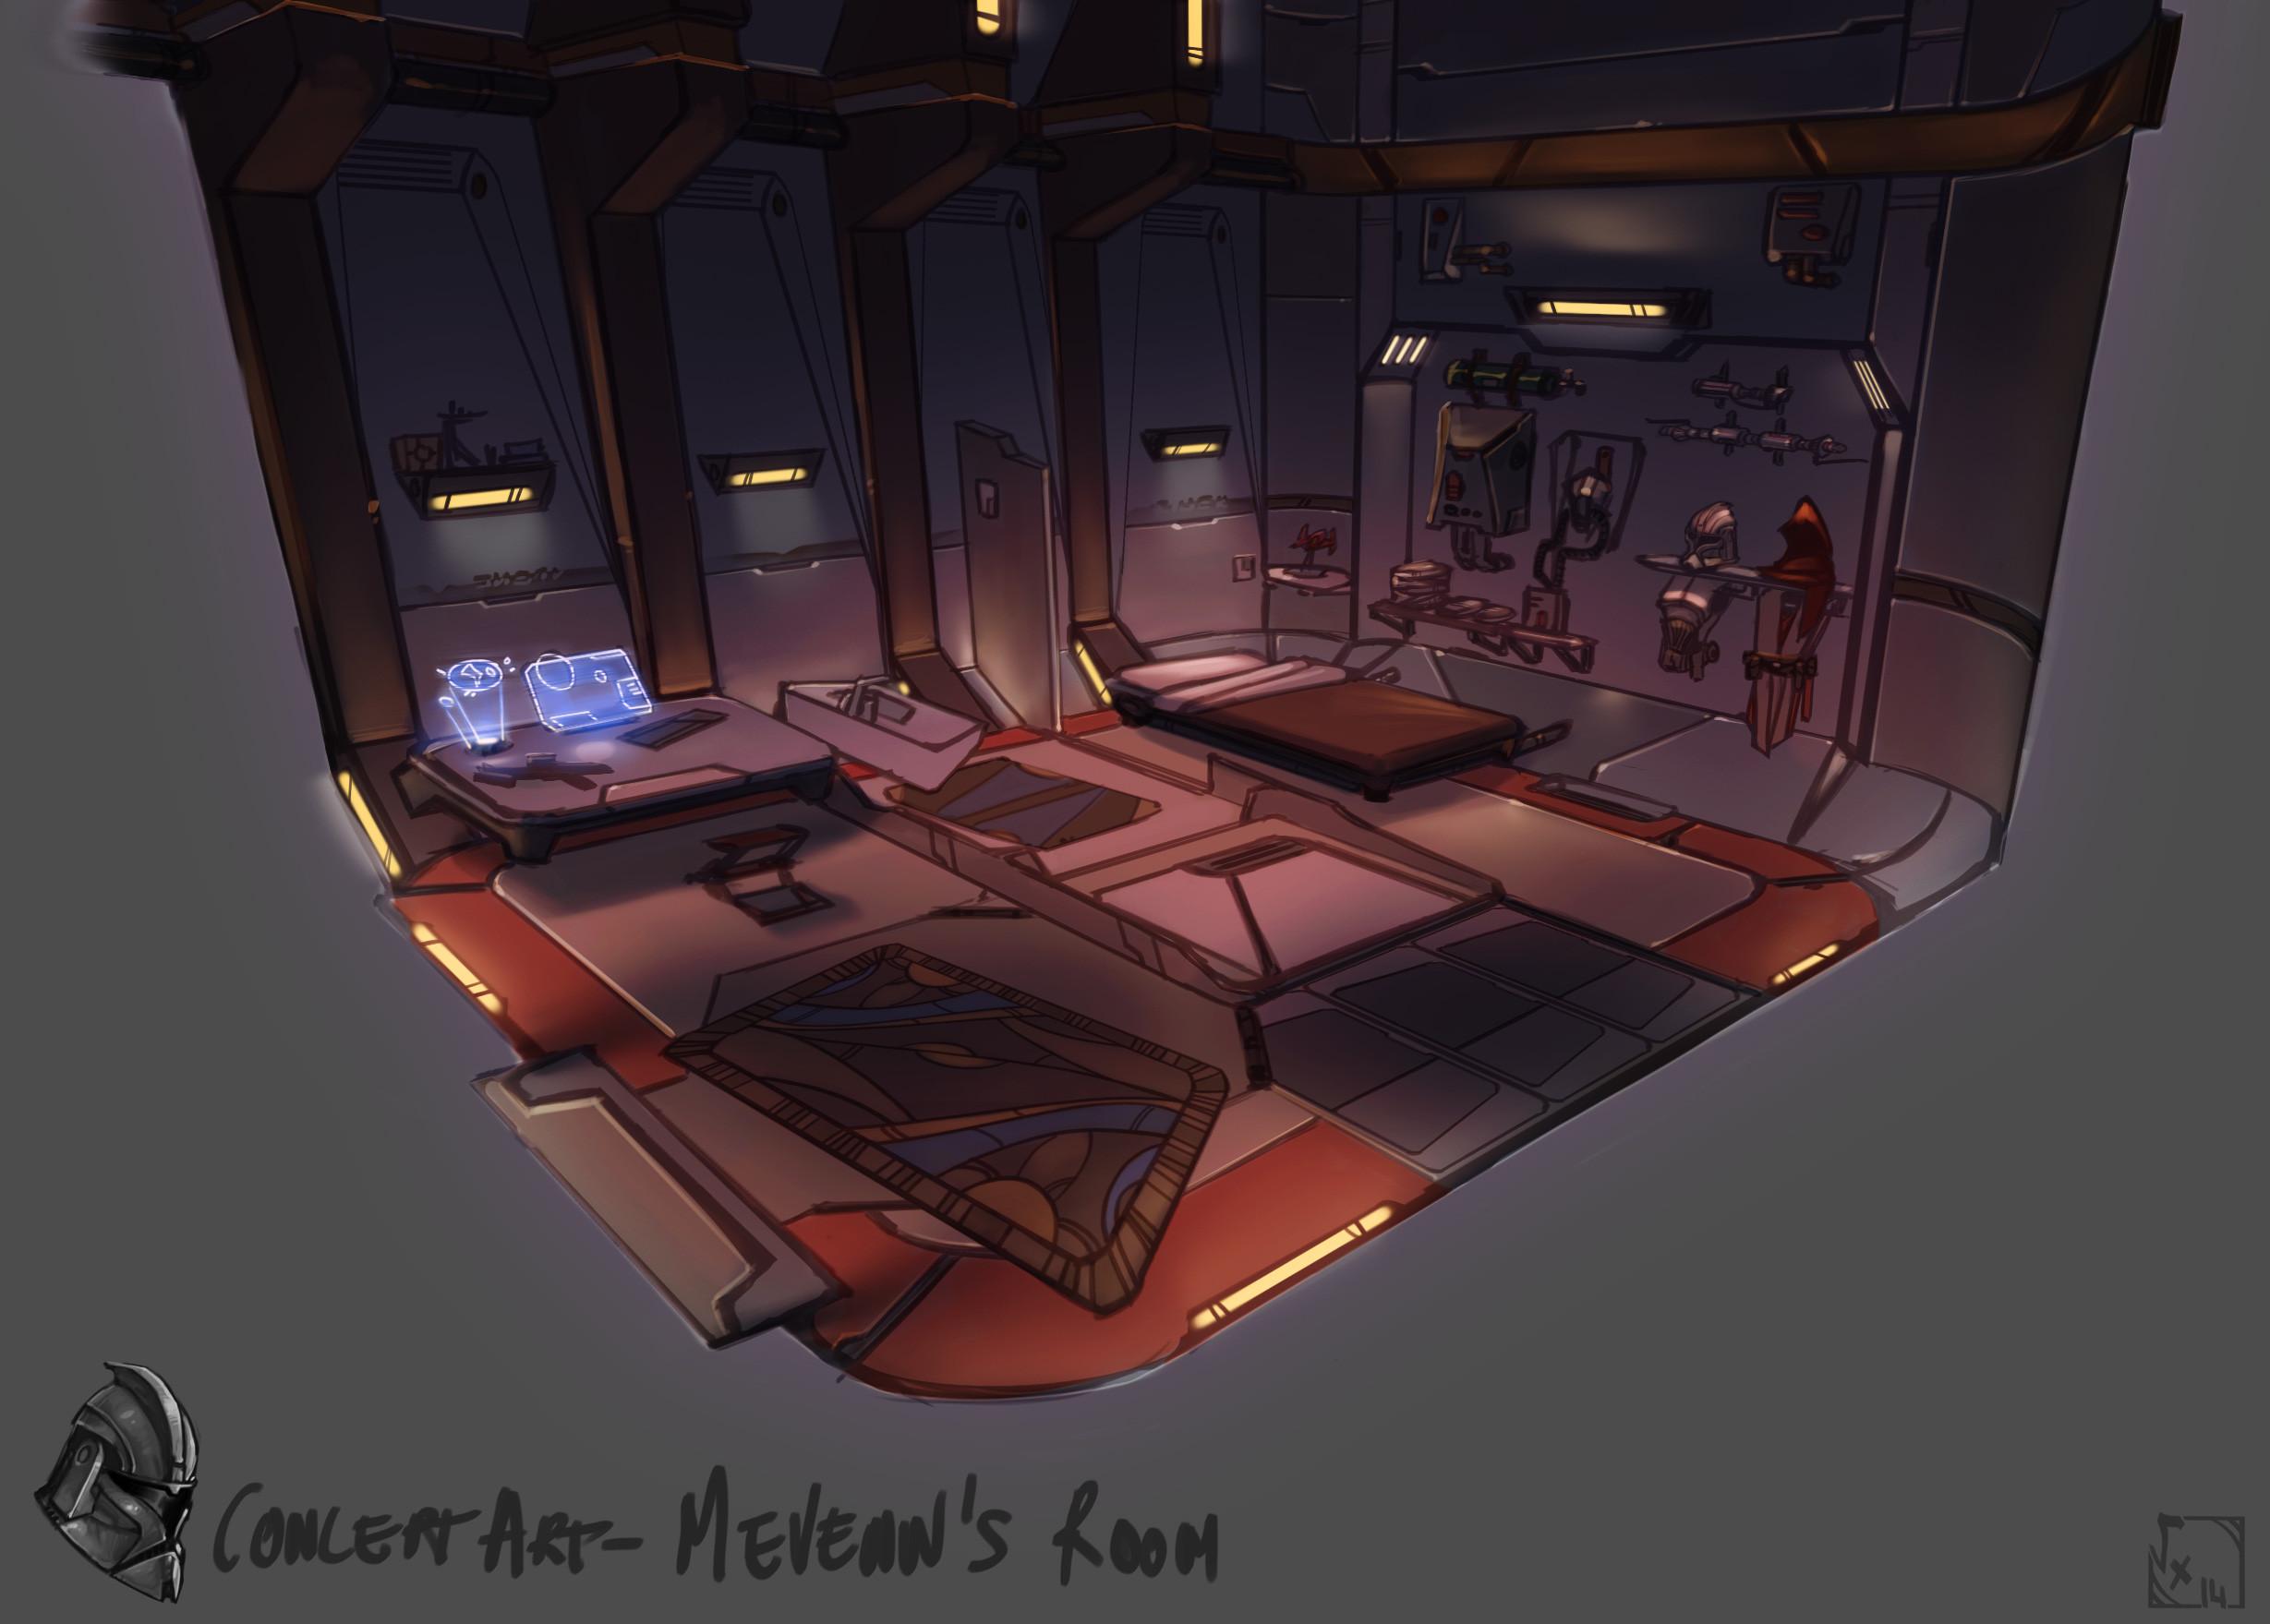 Mevenn's Room